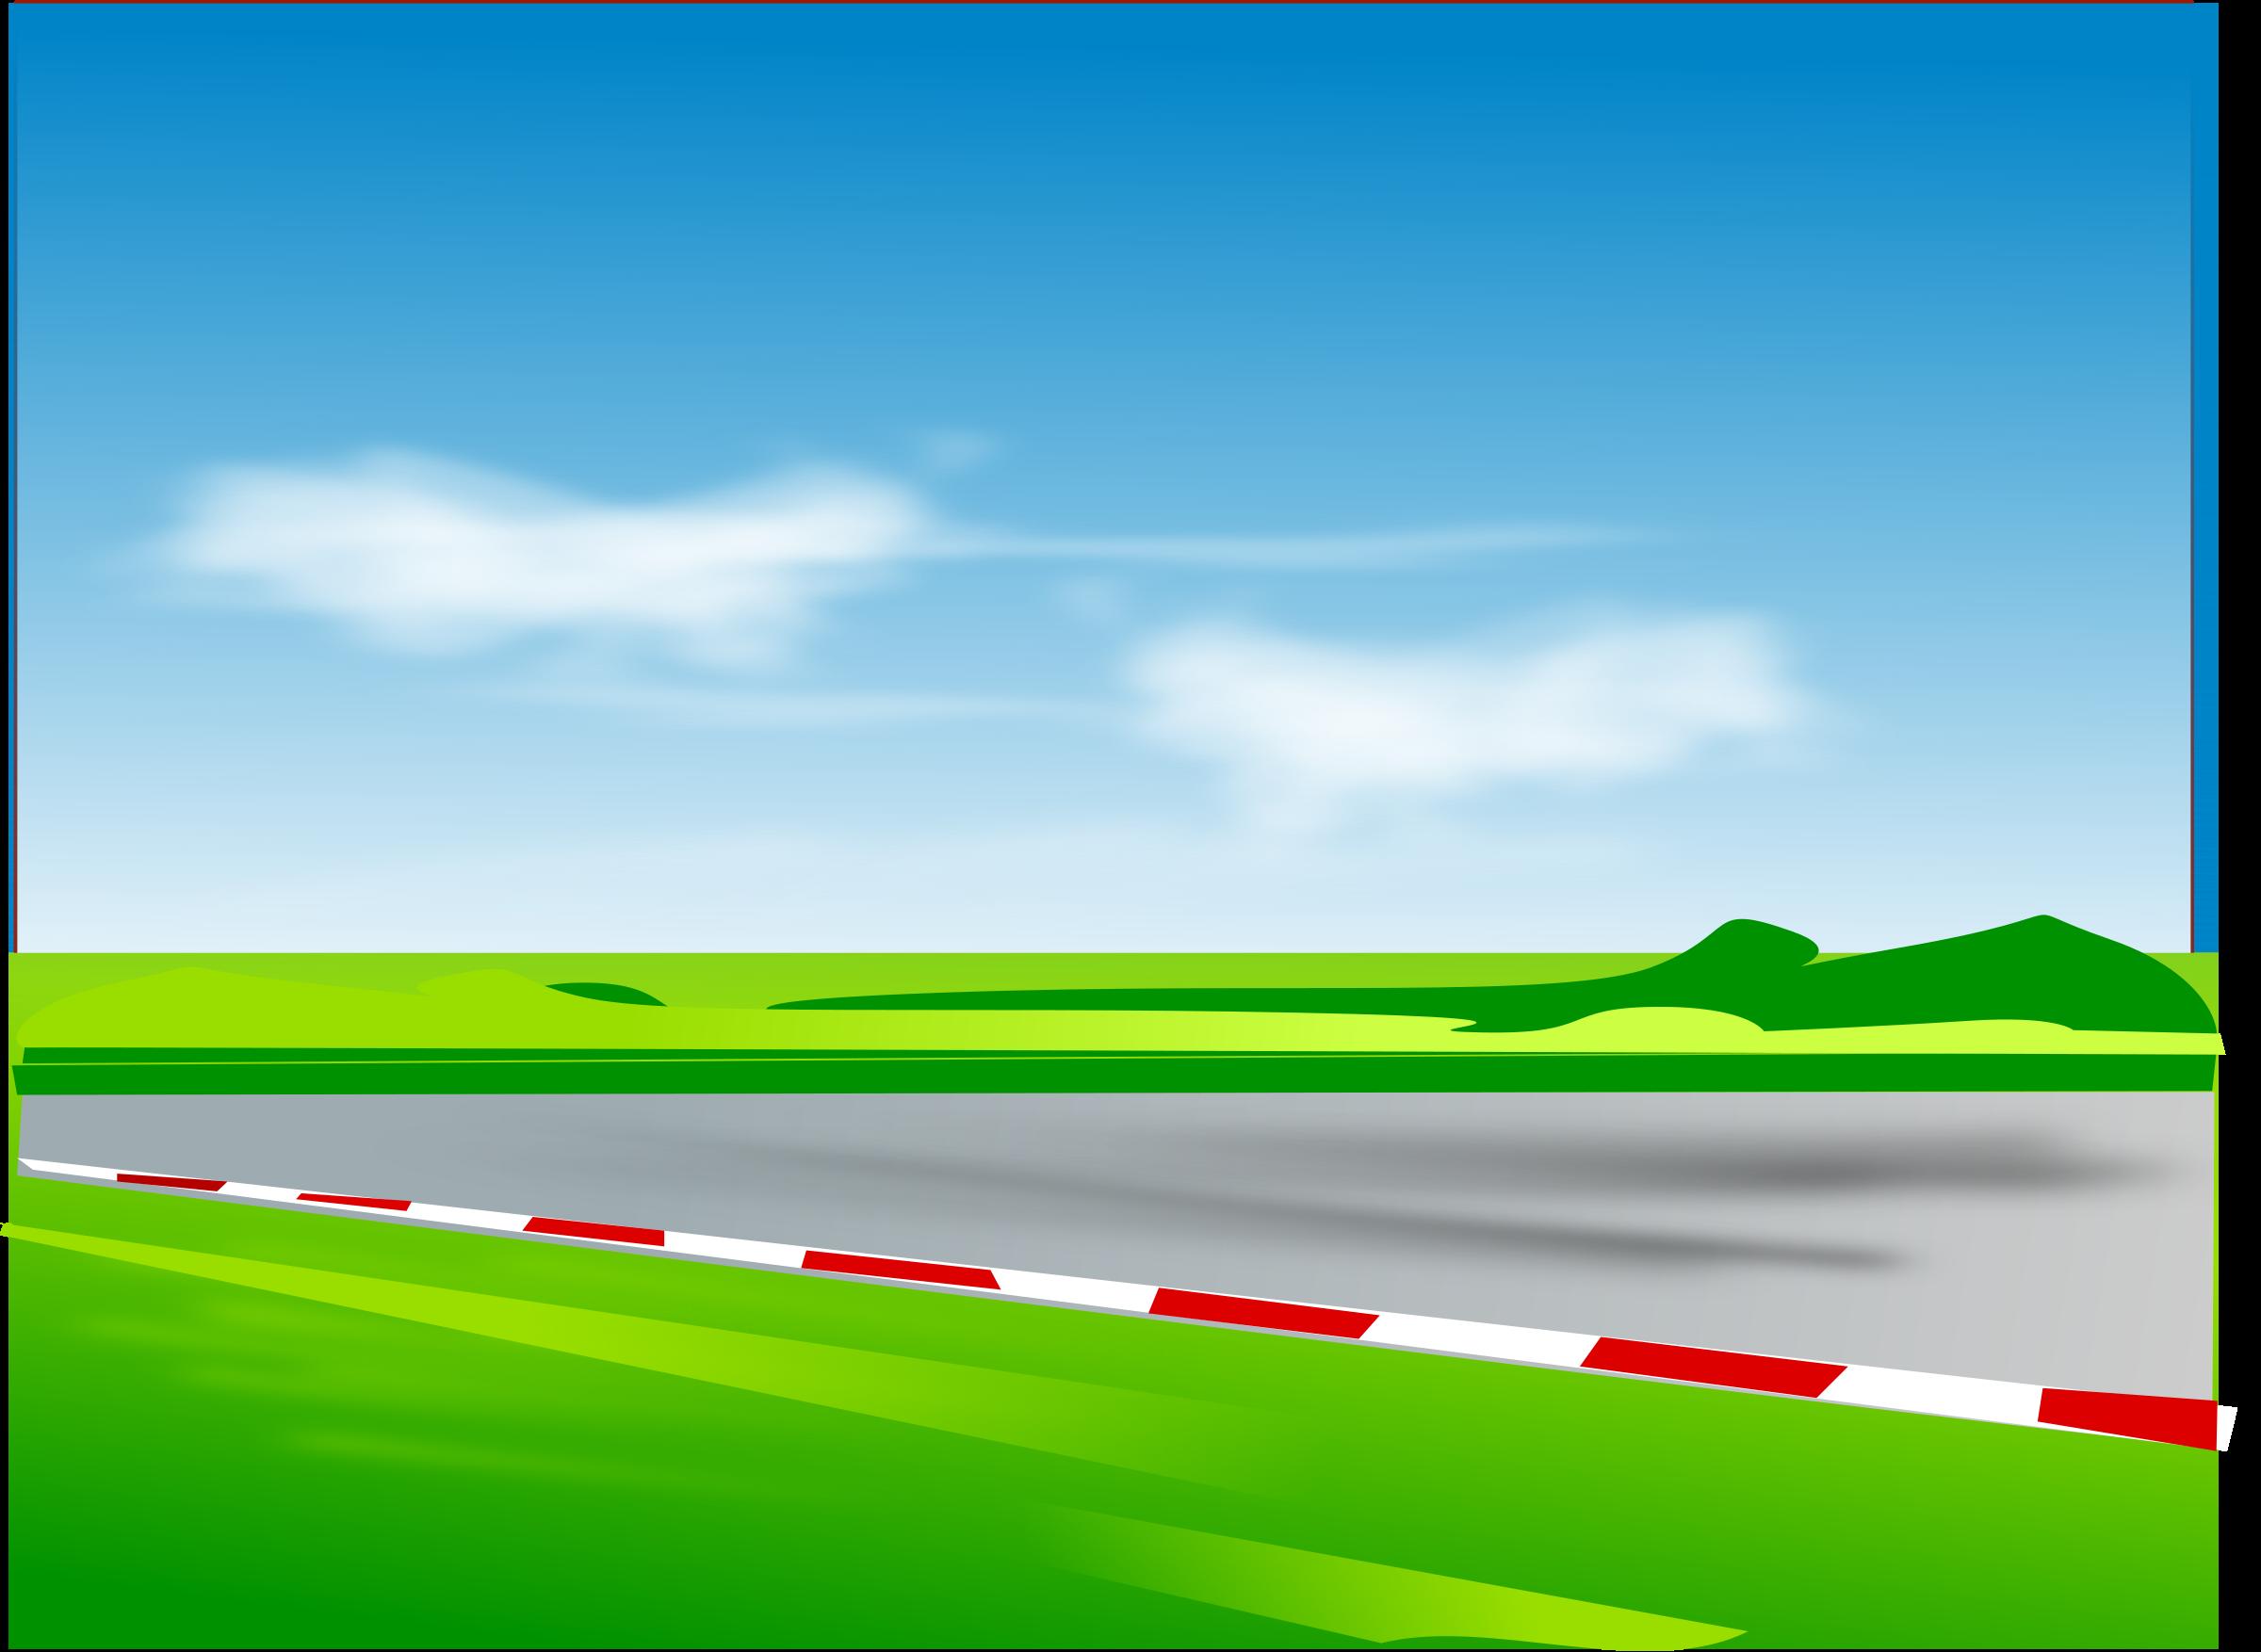 Racetrack number 1 clipart jpg download Race track clipart - ClipartFest jpg download